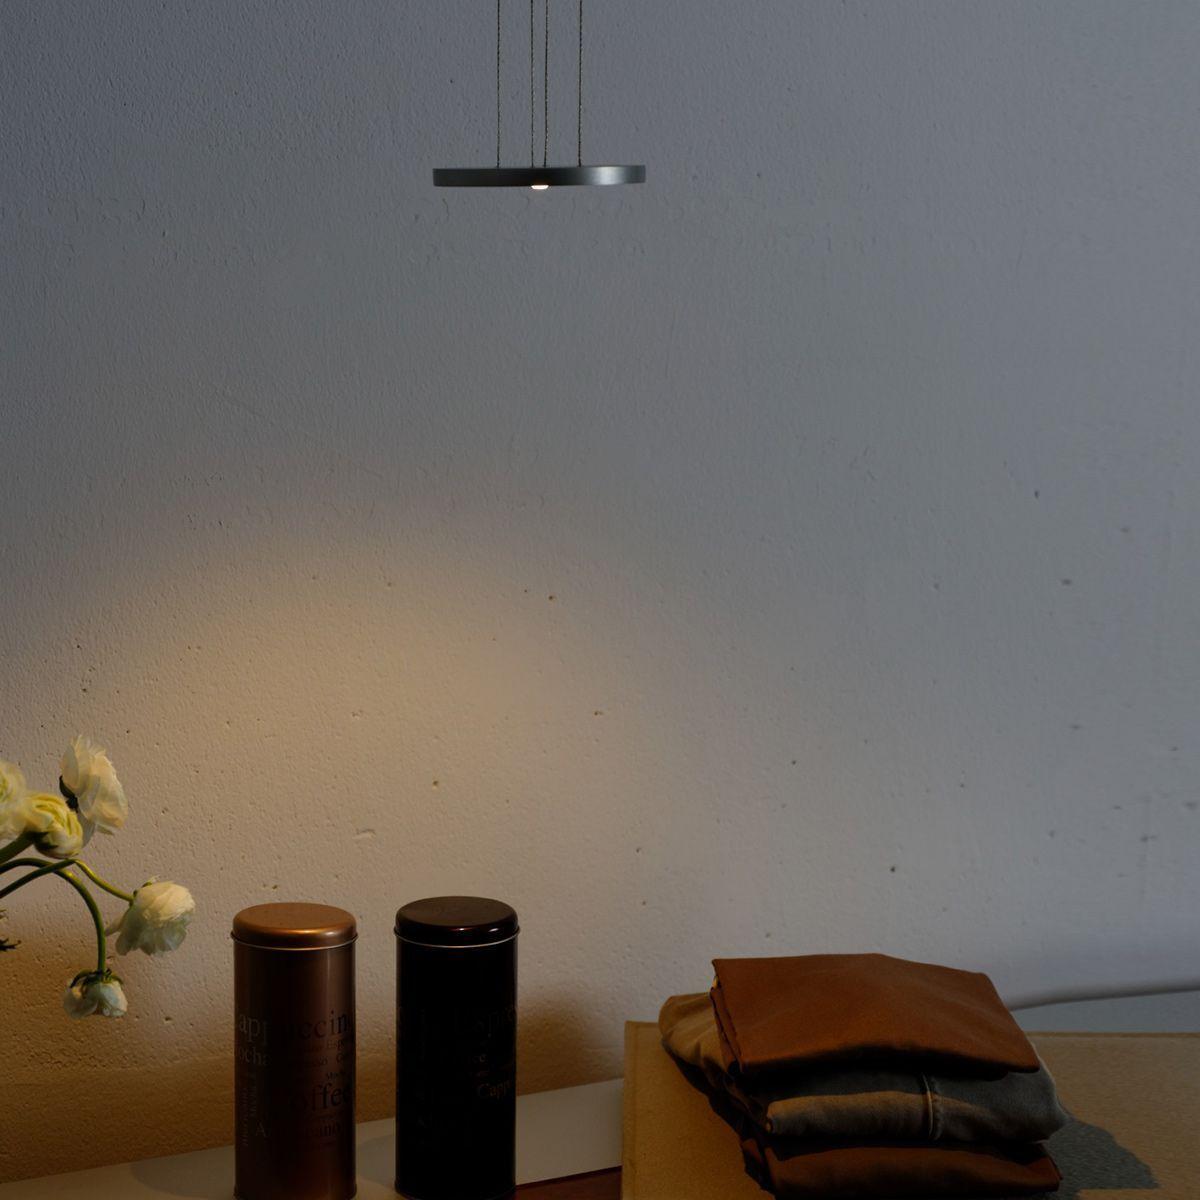 Led Pendelleuchte Rund Höhenverstellbar Pendelleuchte Esstisch Kristall Pendelleuchten Wohnzimmerlampen Pendelleuchte Tisch Pende Decor Home Decor Lamp